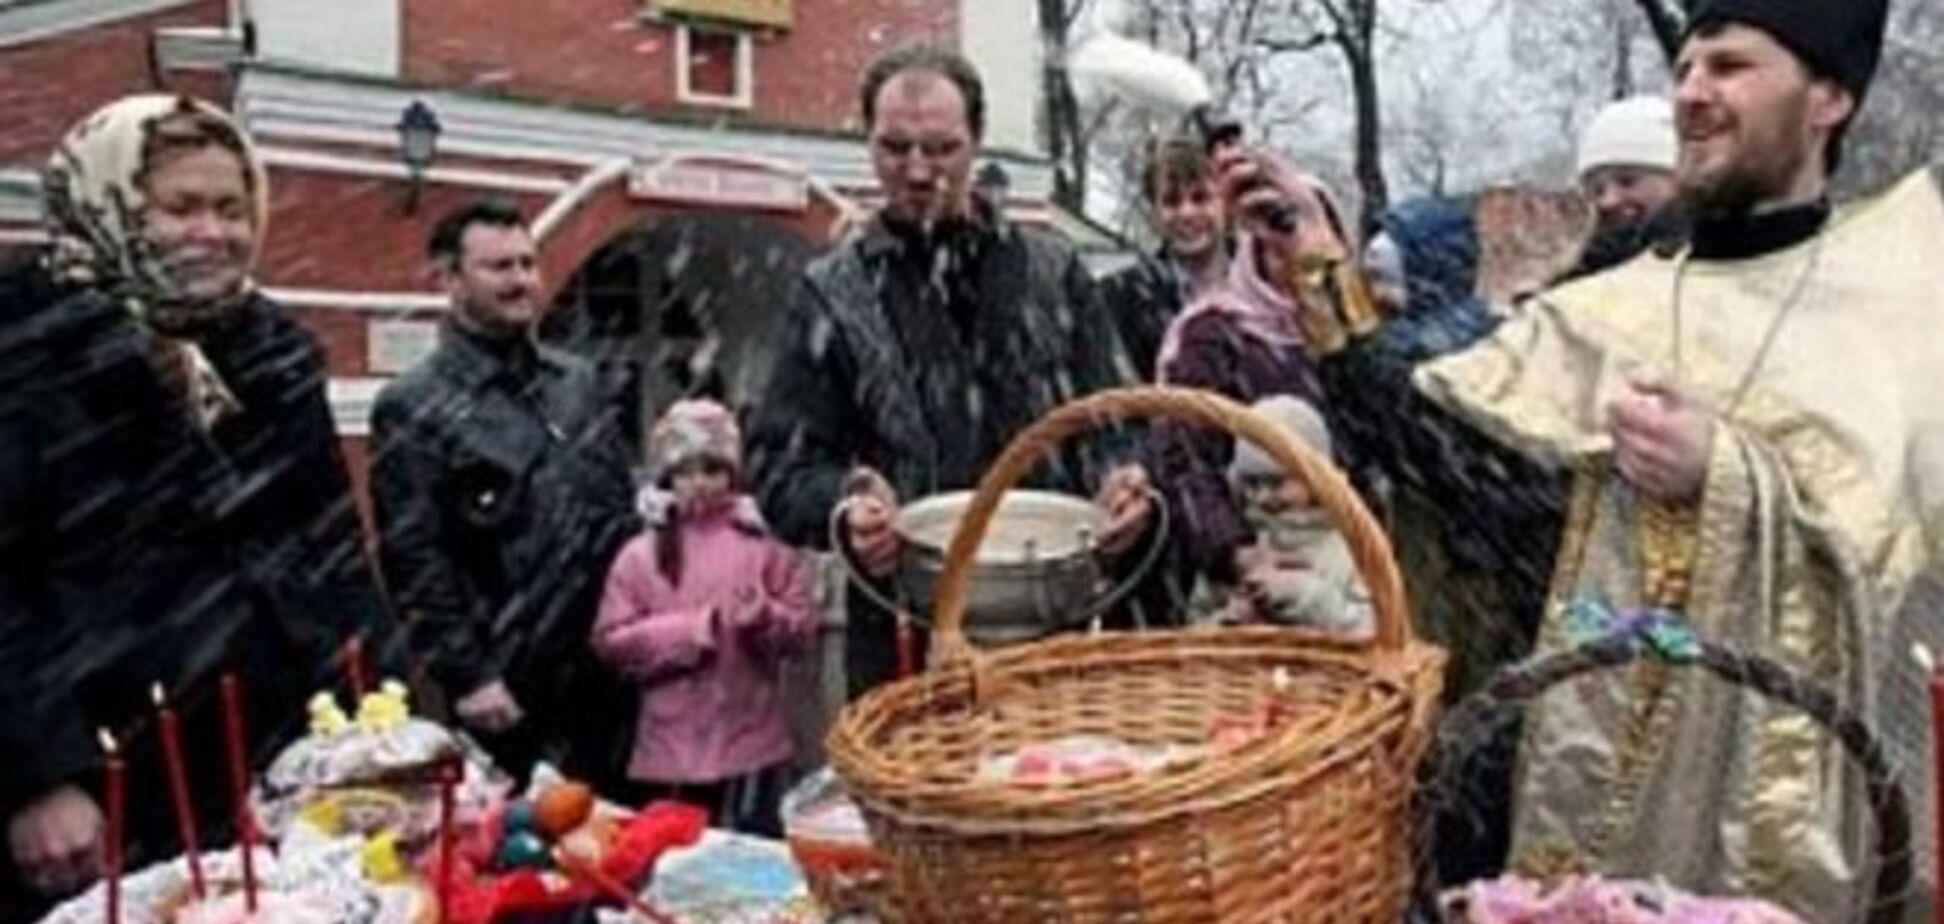 ЗМІ: на Донбасі не можна купити крашанки і паски